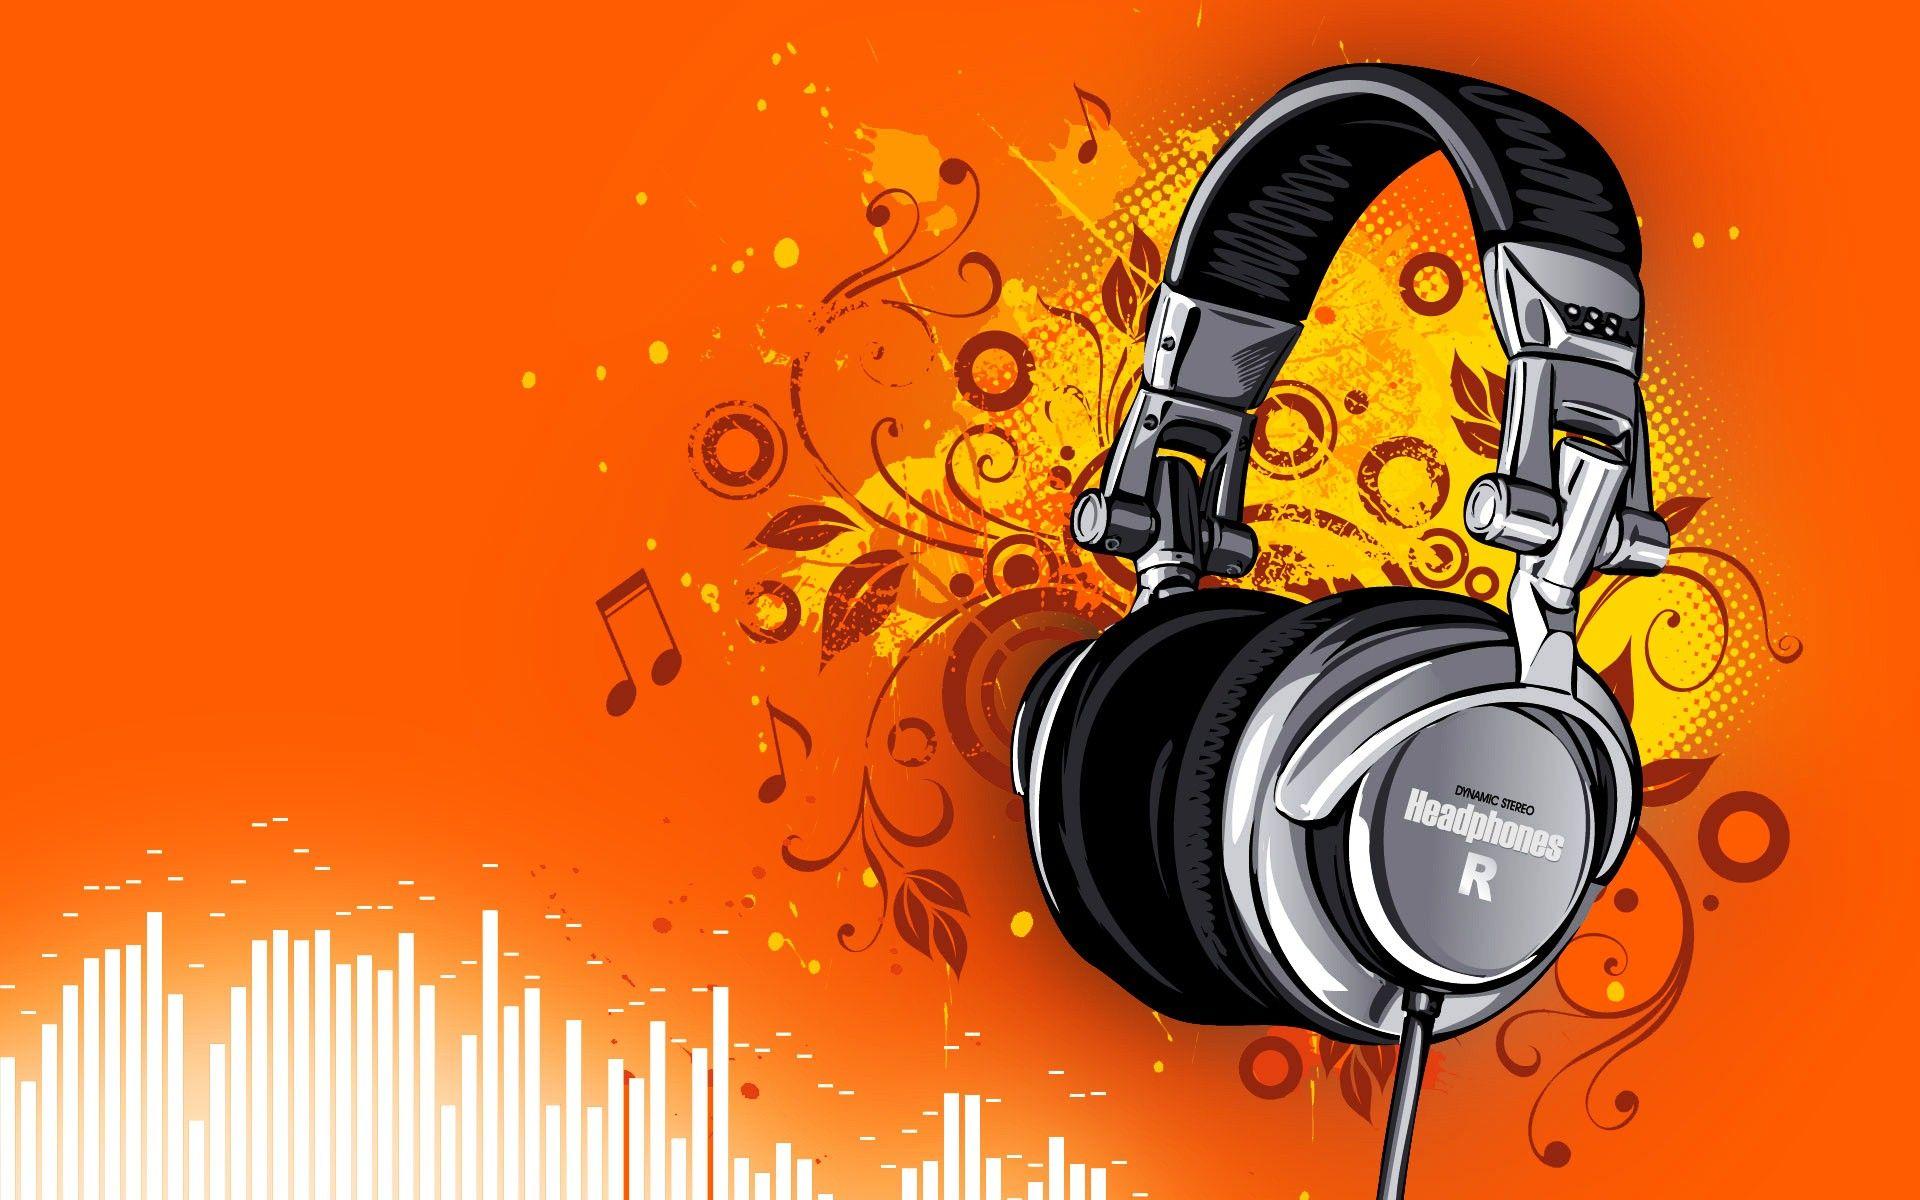 Headphones Wallpaper Abstract For Desktop Background 13 Hd